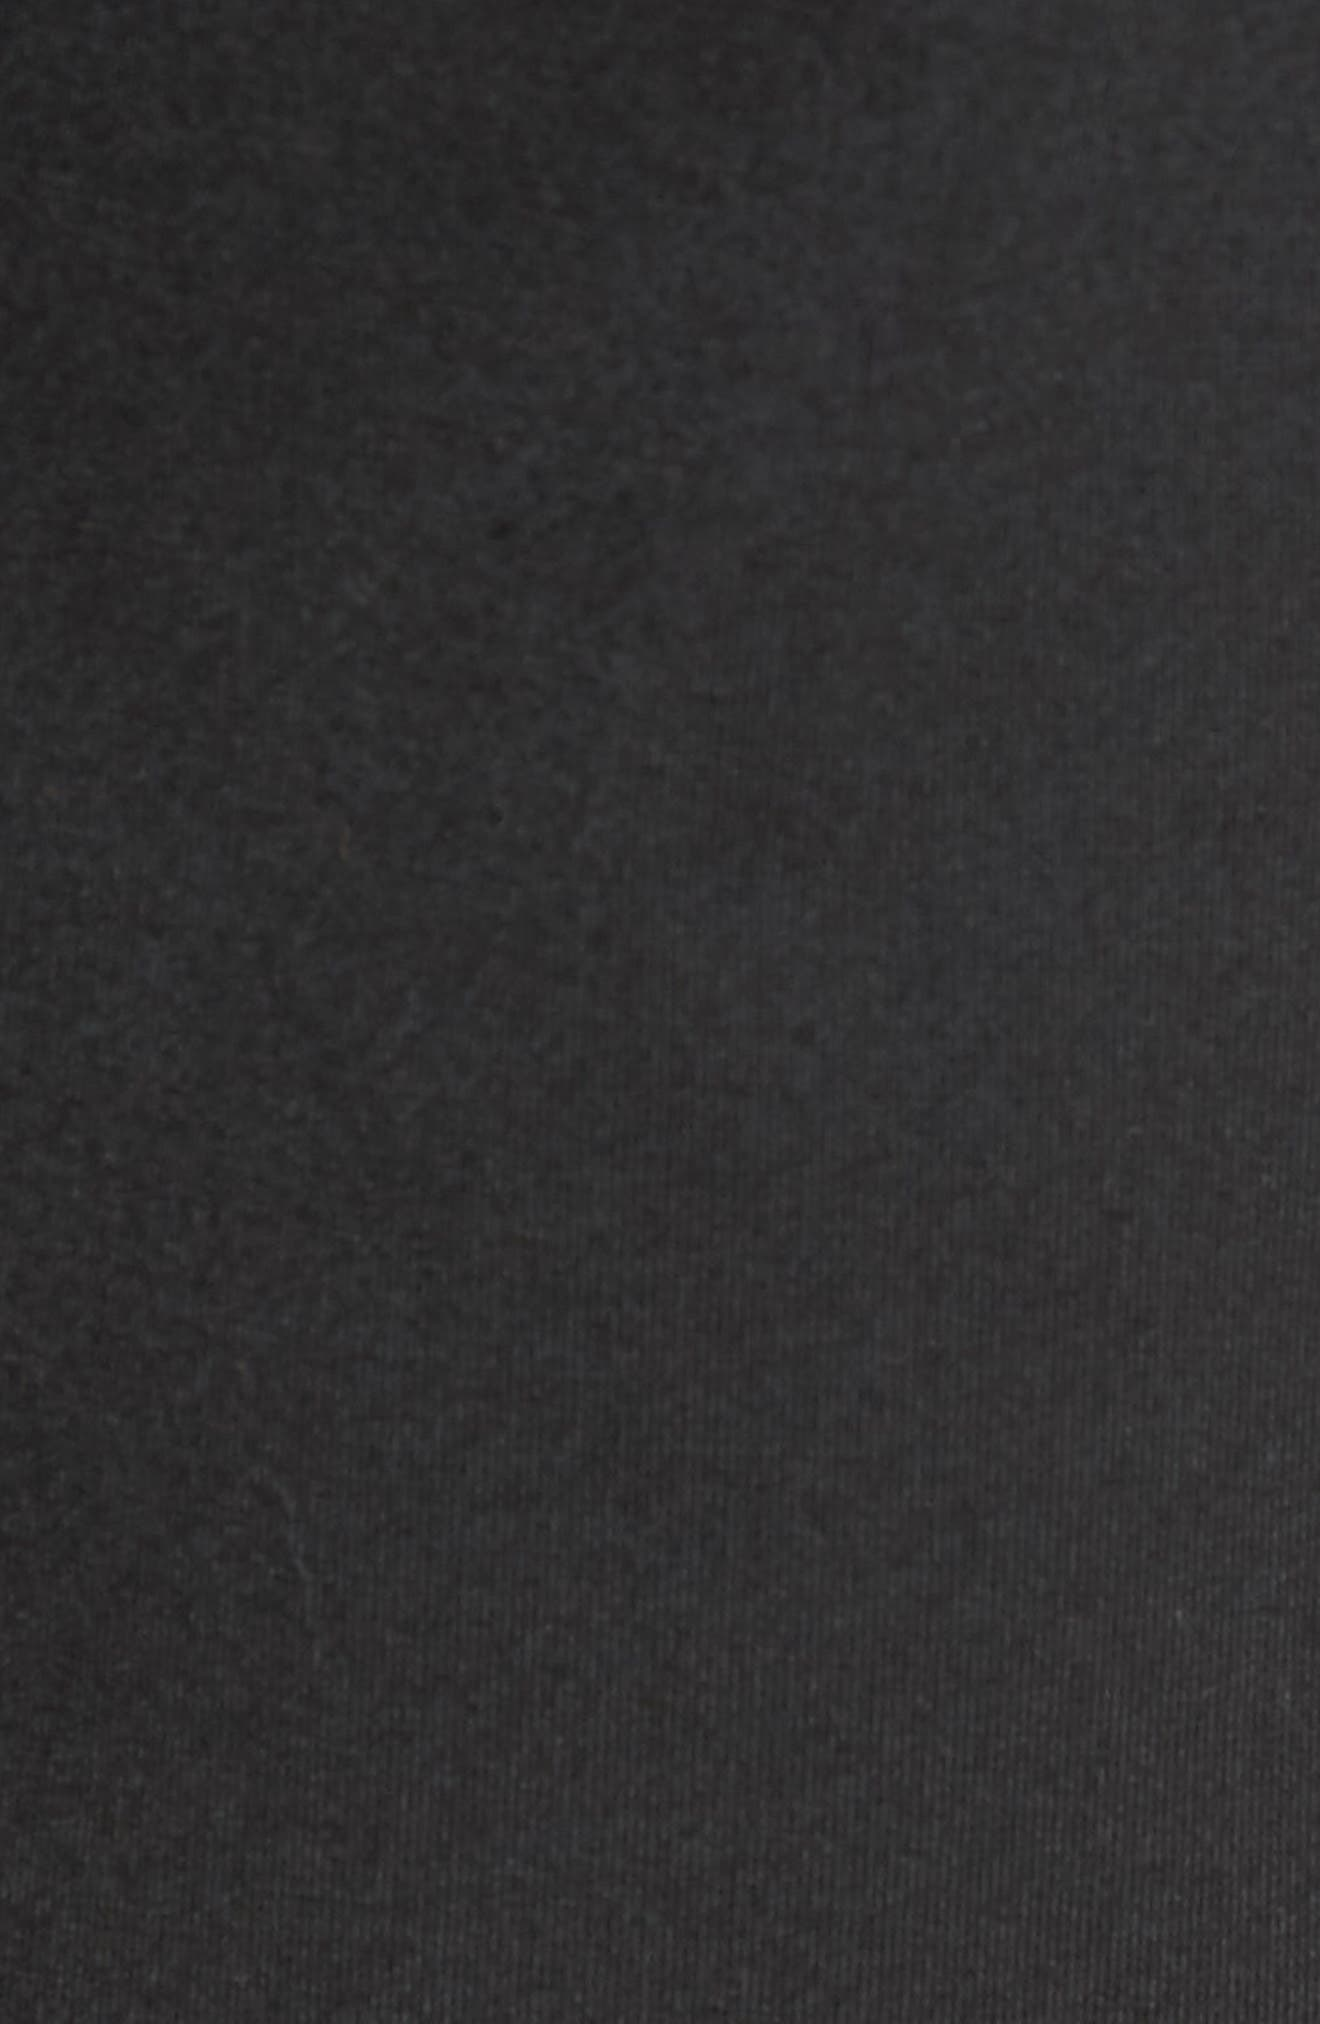 VA Sport II Shorts,                             Alternate thumbnail 5, color,                             BLACK